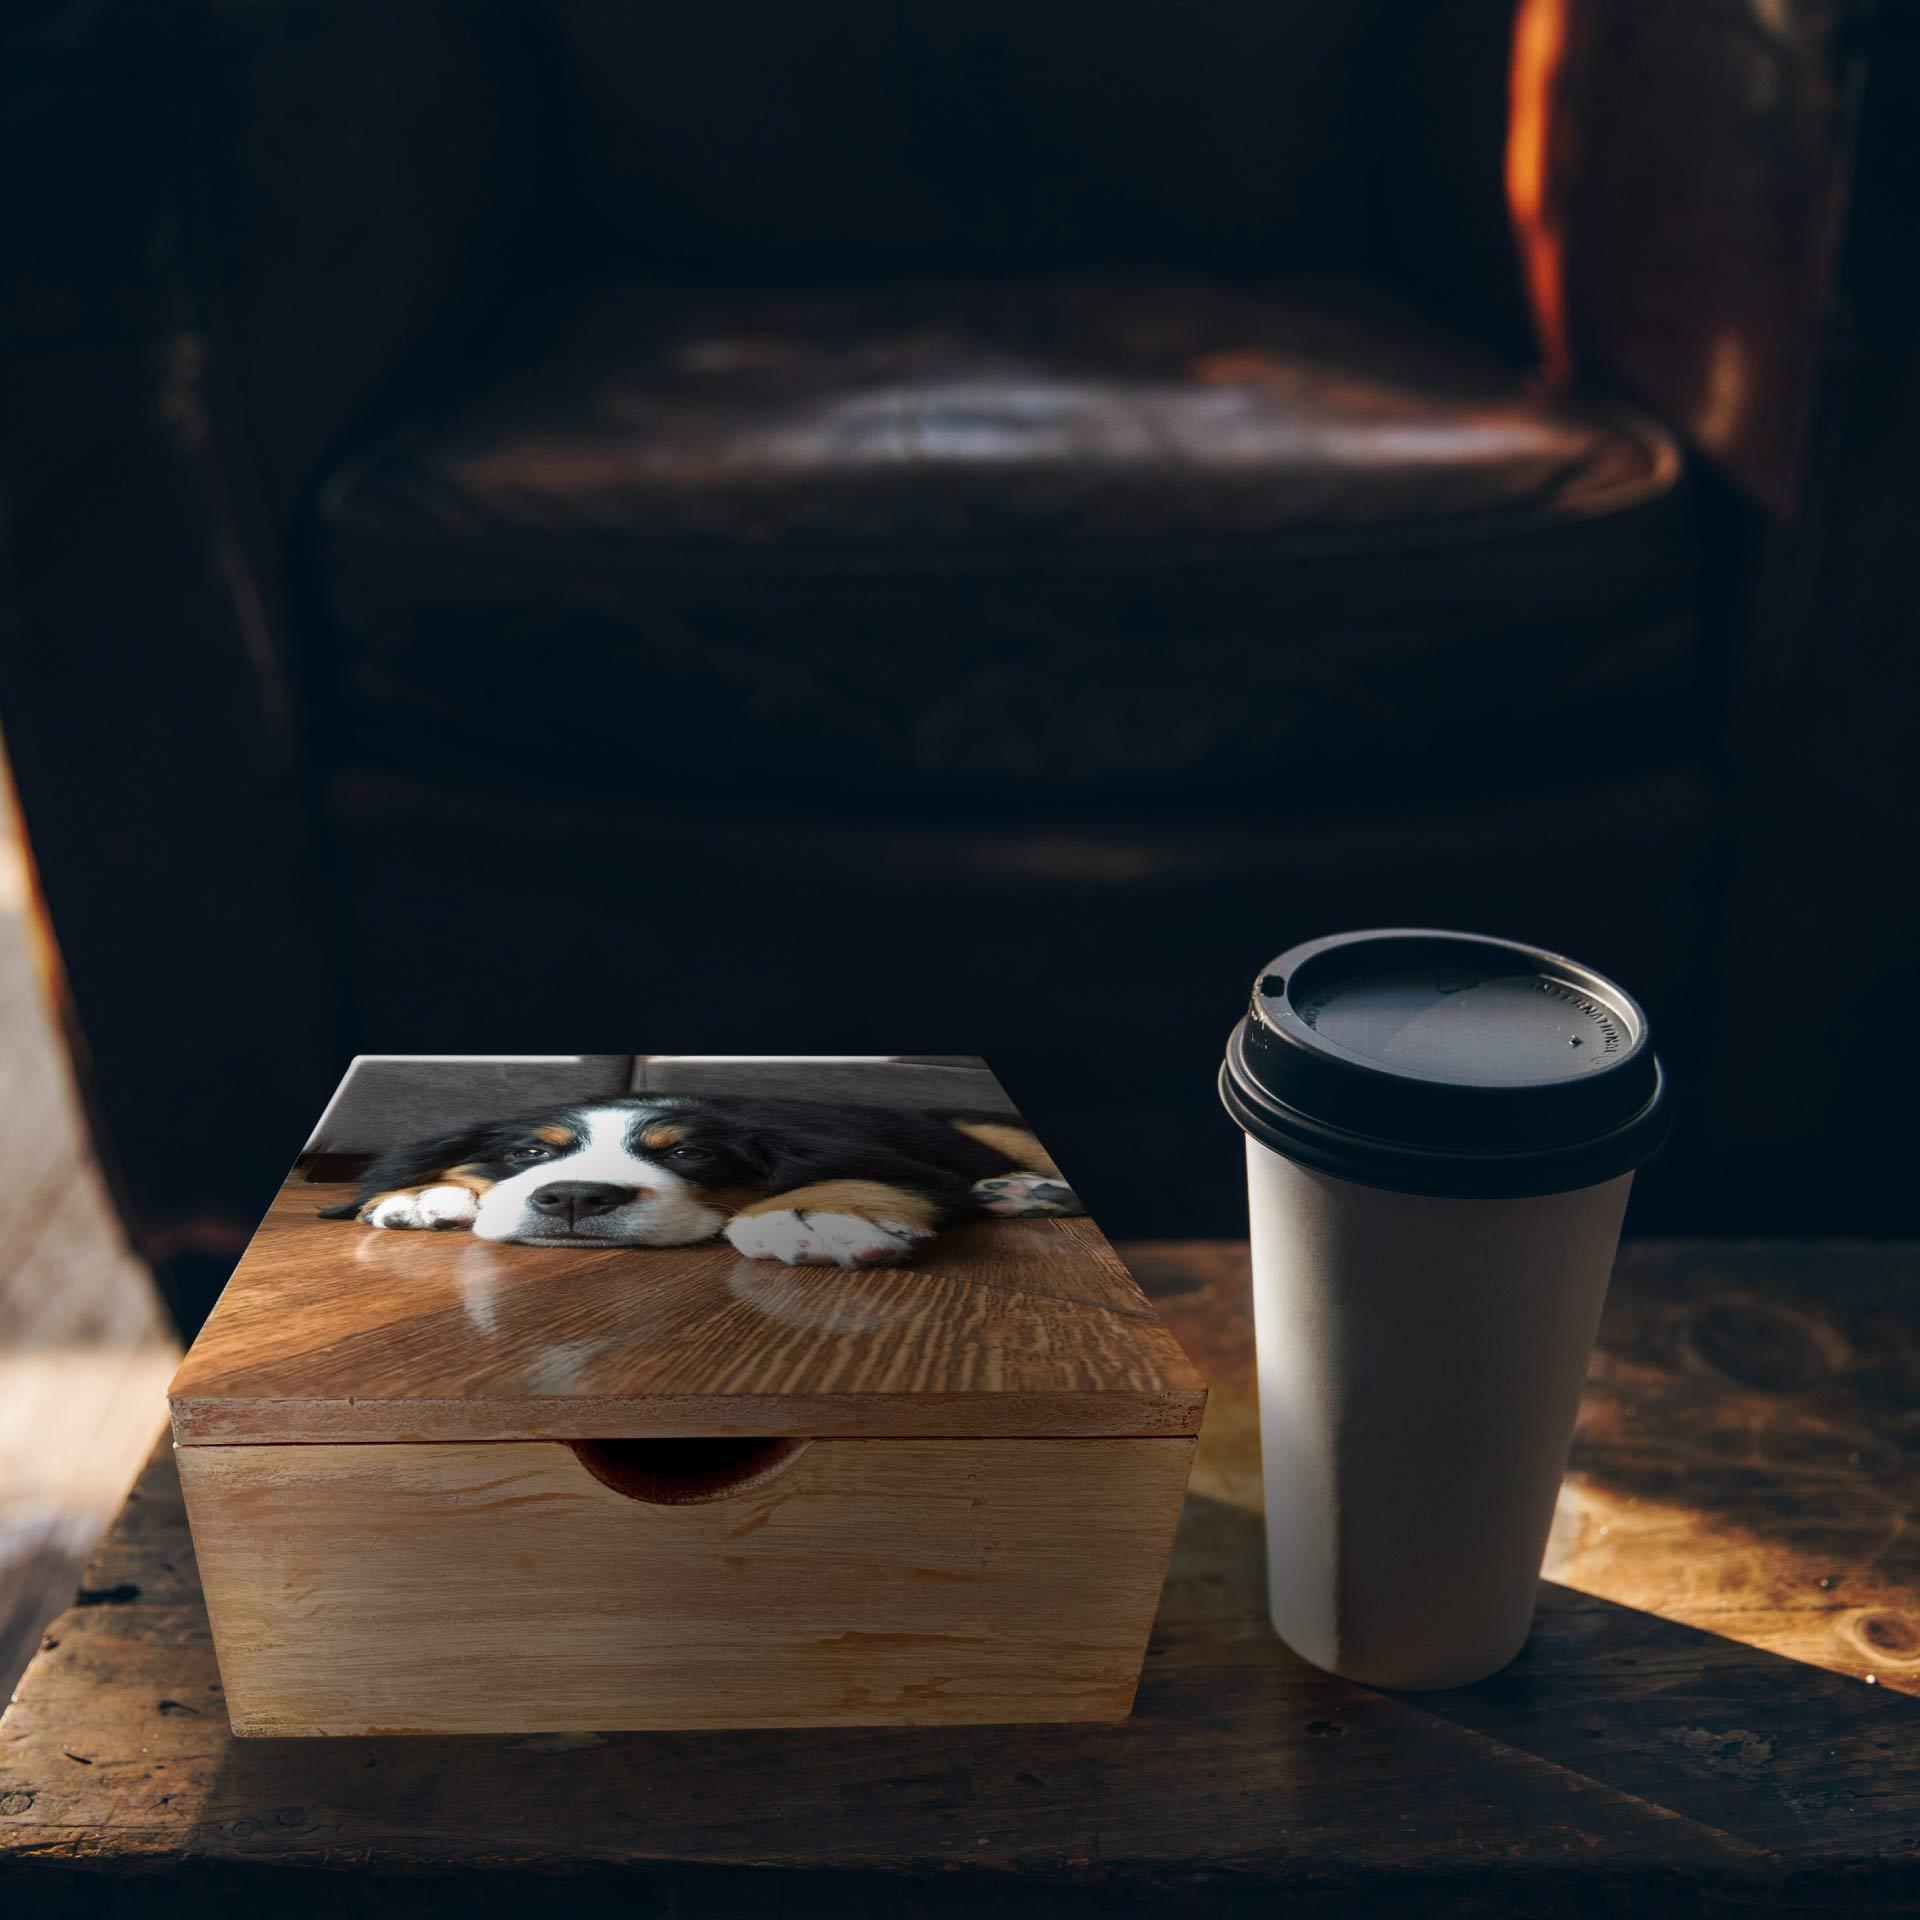 Caja de madera de color amarillo para guardar sobres de Té, en la tapa se encuentra la foto de un perro de color negro y blanco. Este objeto se apoya sobre una mesa de madera de color cafe. Por otro lado, se evidencia a su lado un vaso de cafe.